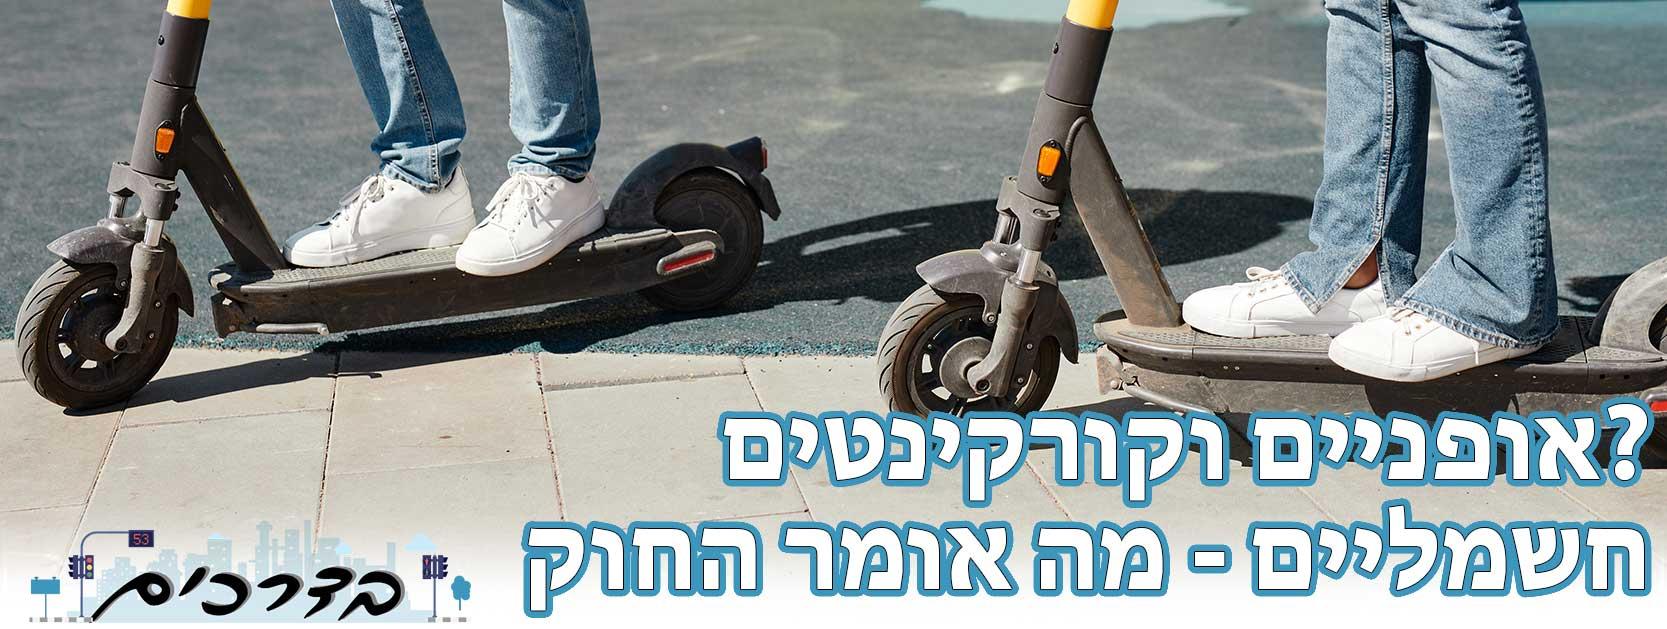 אופניים-וקורקינטים-חשמליים---מה-אומר-החוק